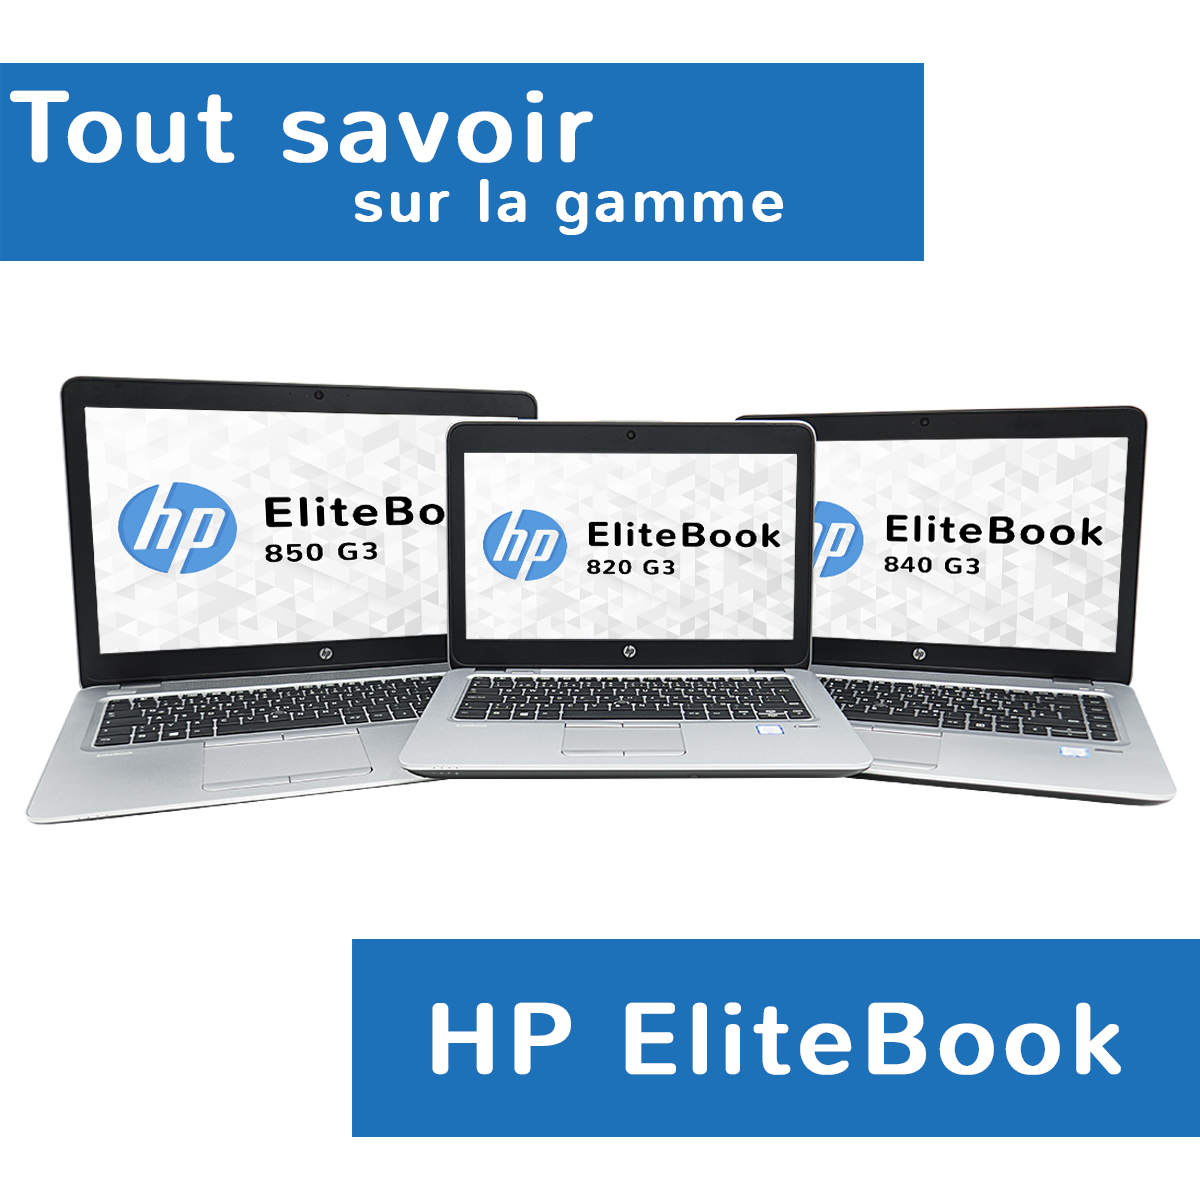 Tout savoir sur la gamme HP EliteBook